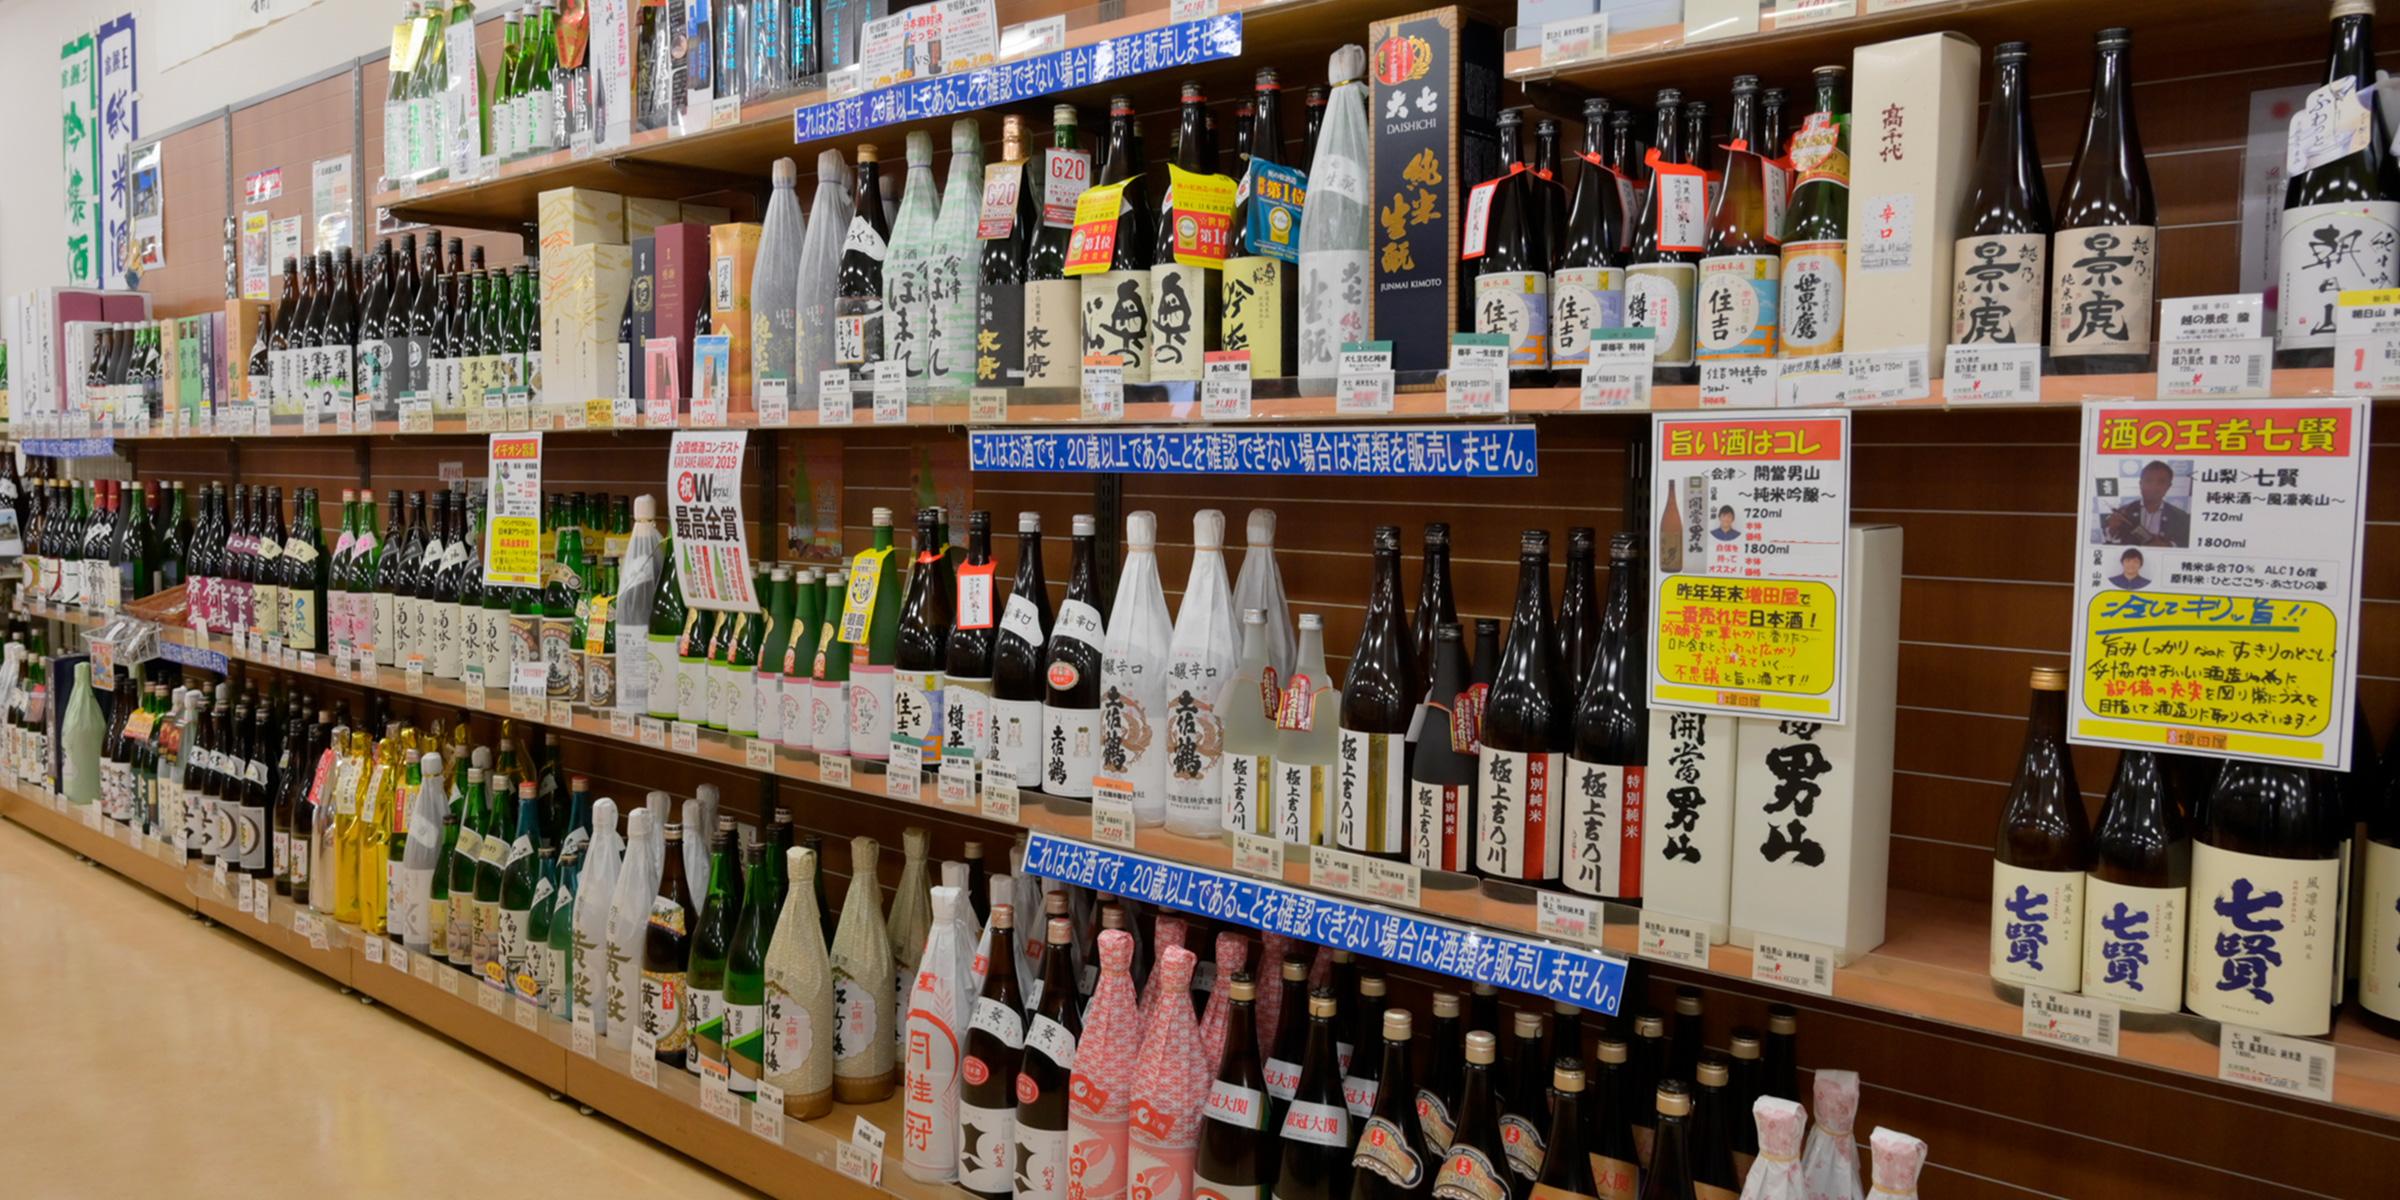 酒商増田屋 日高店で酒類の通販・販売業をしています